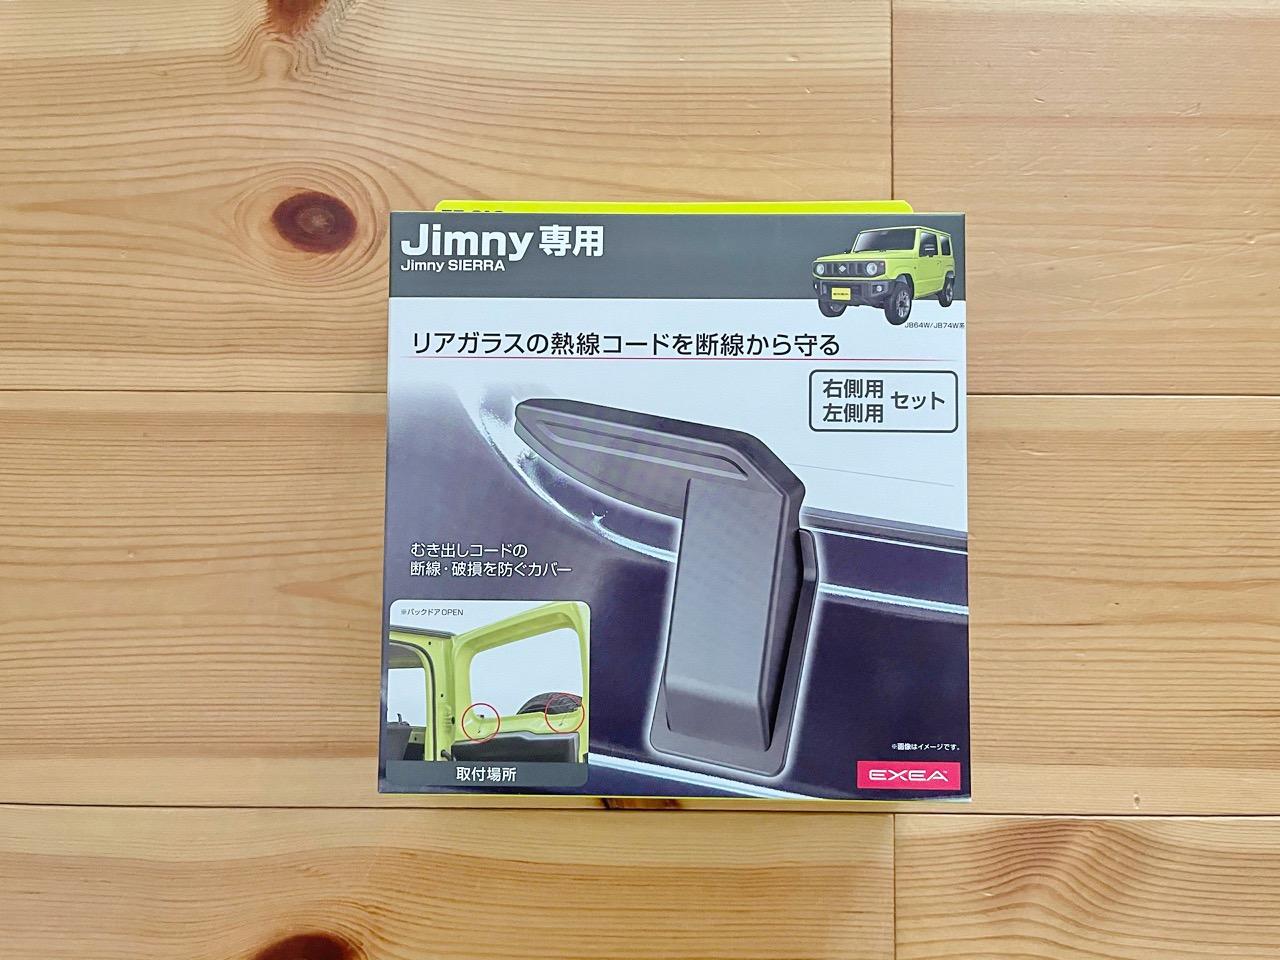 jimny jb64 リアデフォッガー カバー